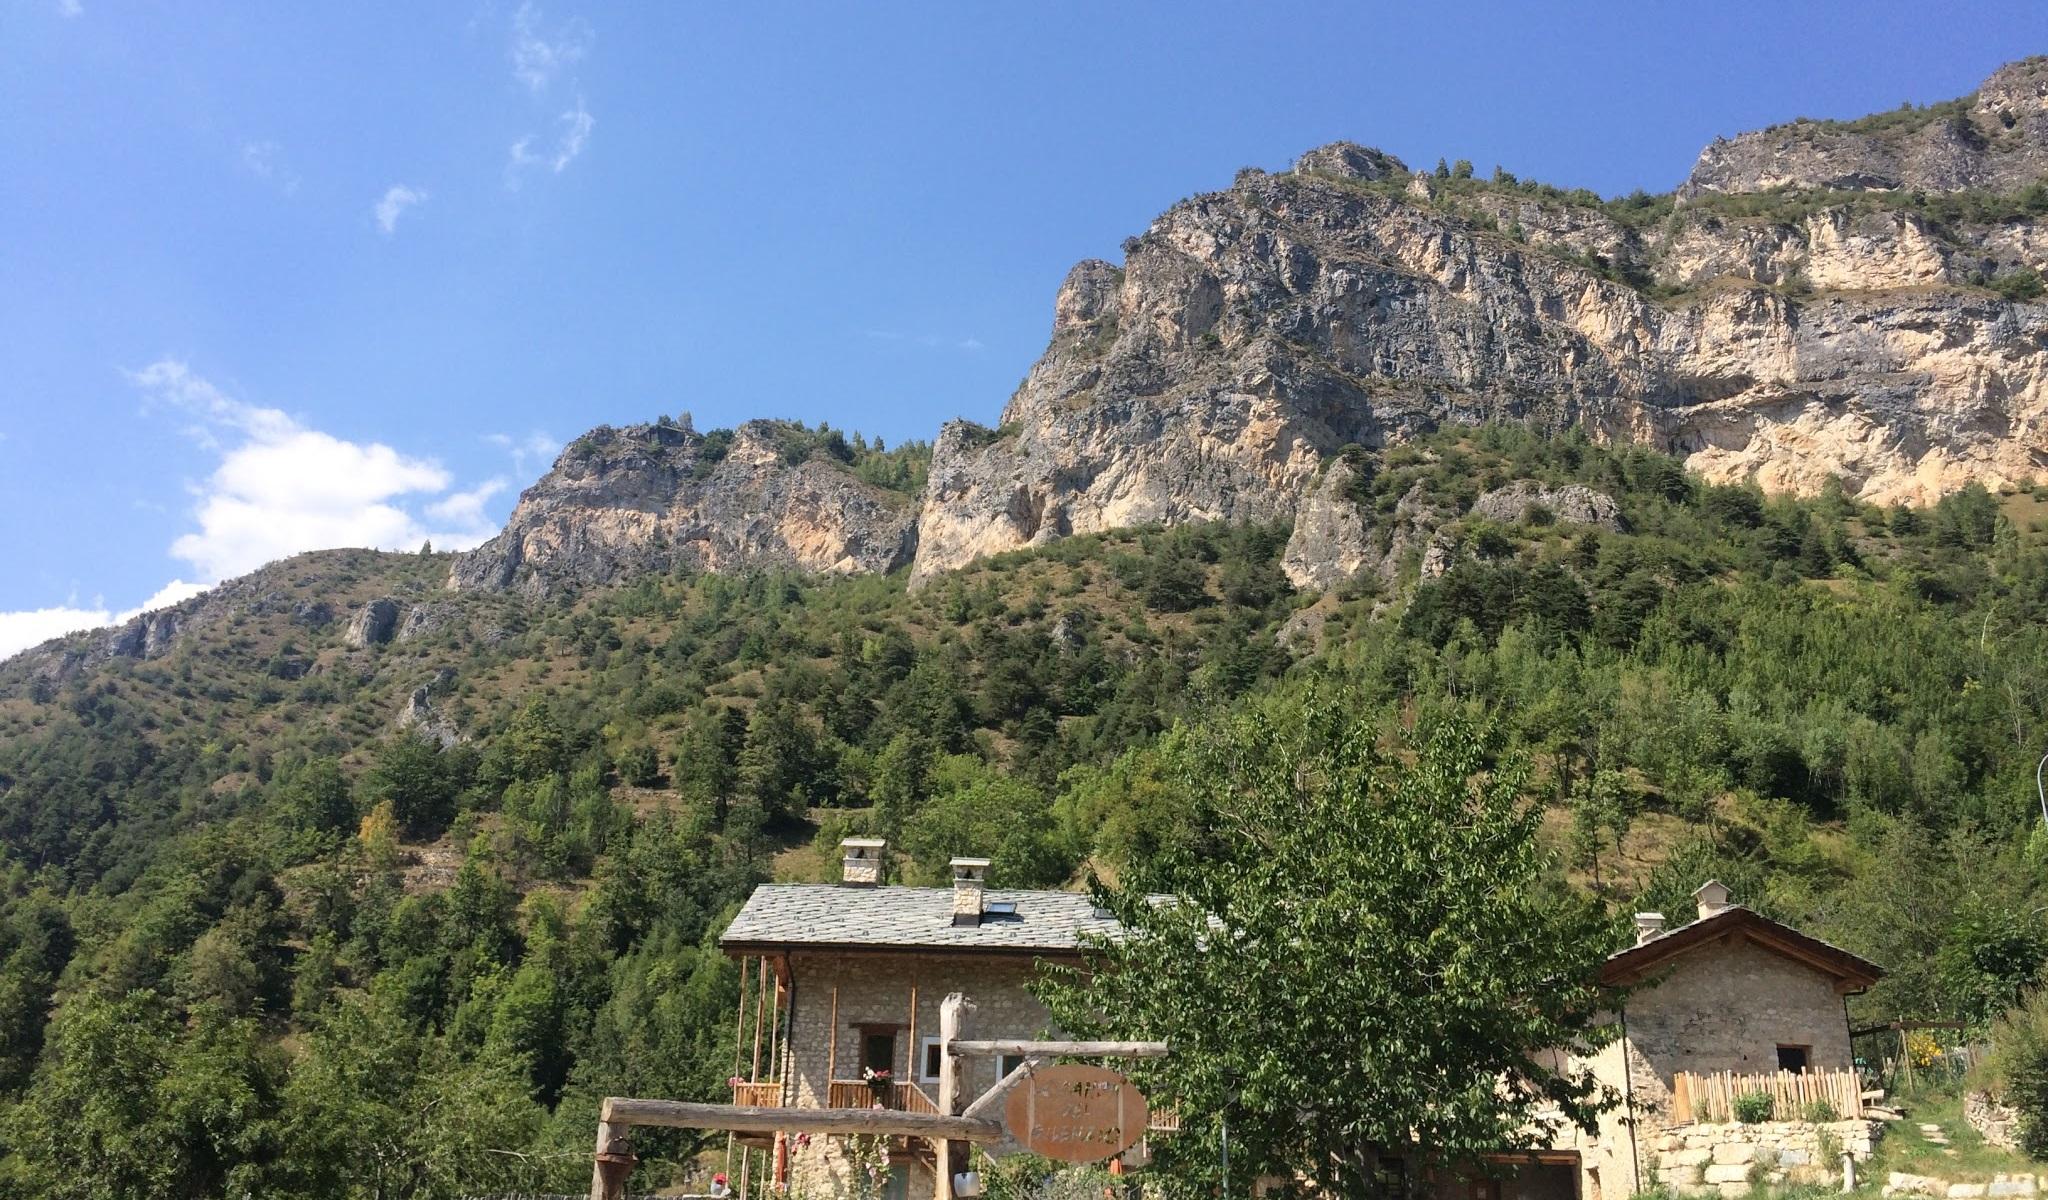 L'ingresso della locanda, con le montagne a fare da cornice